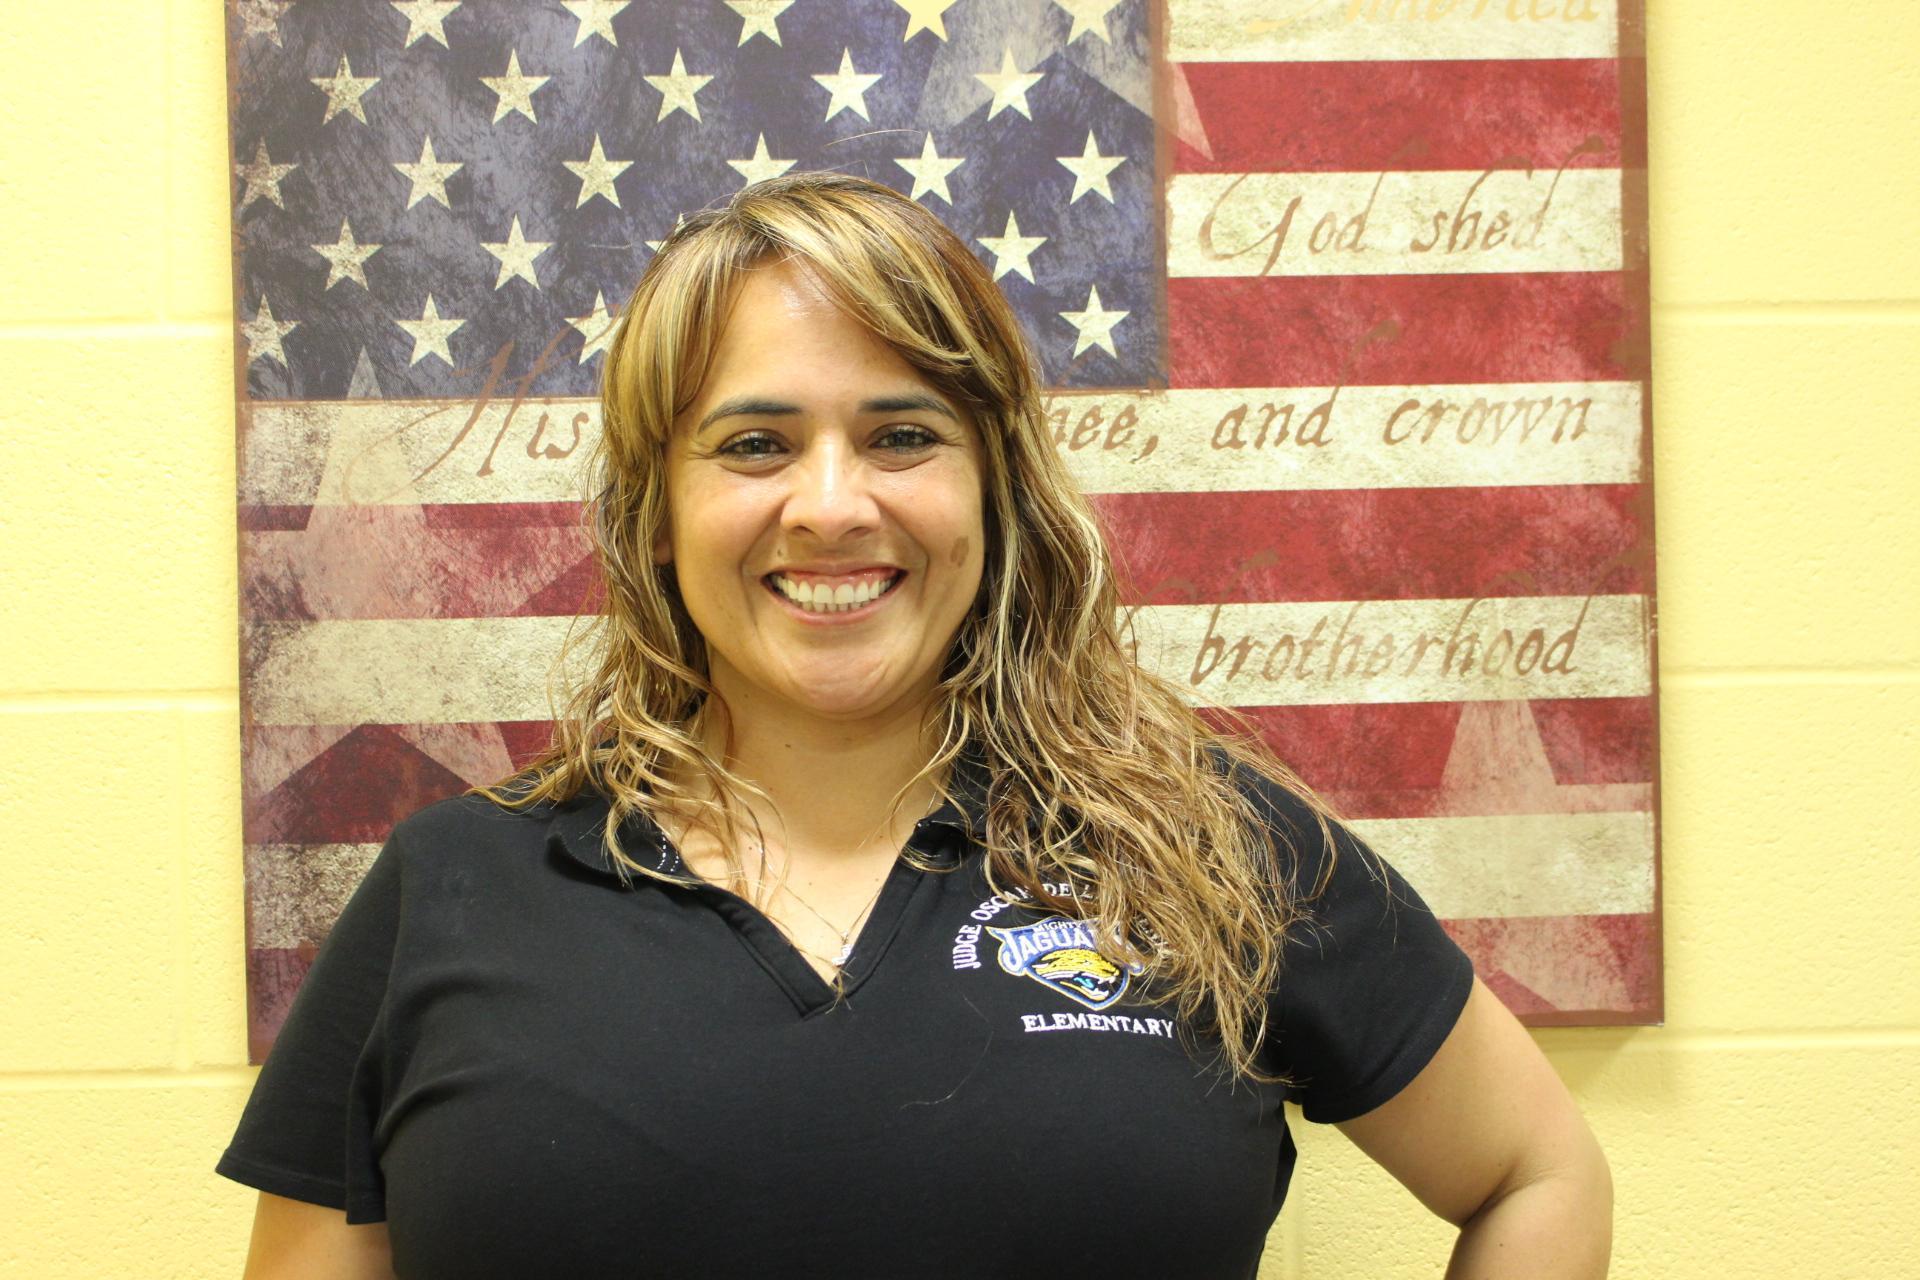 Ms. C.M. Ramirez